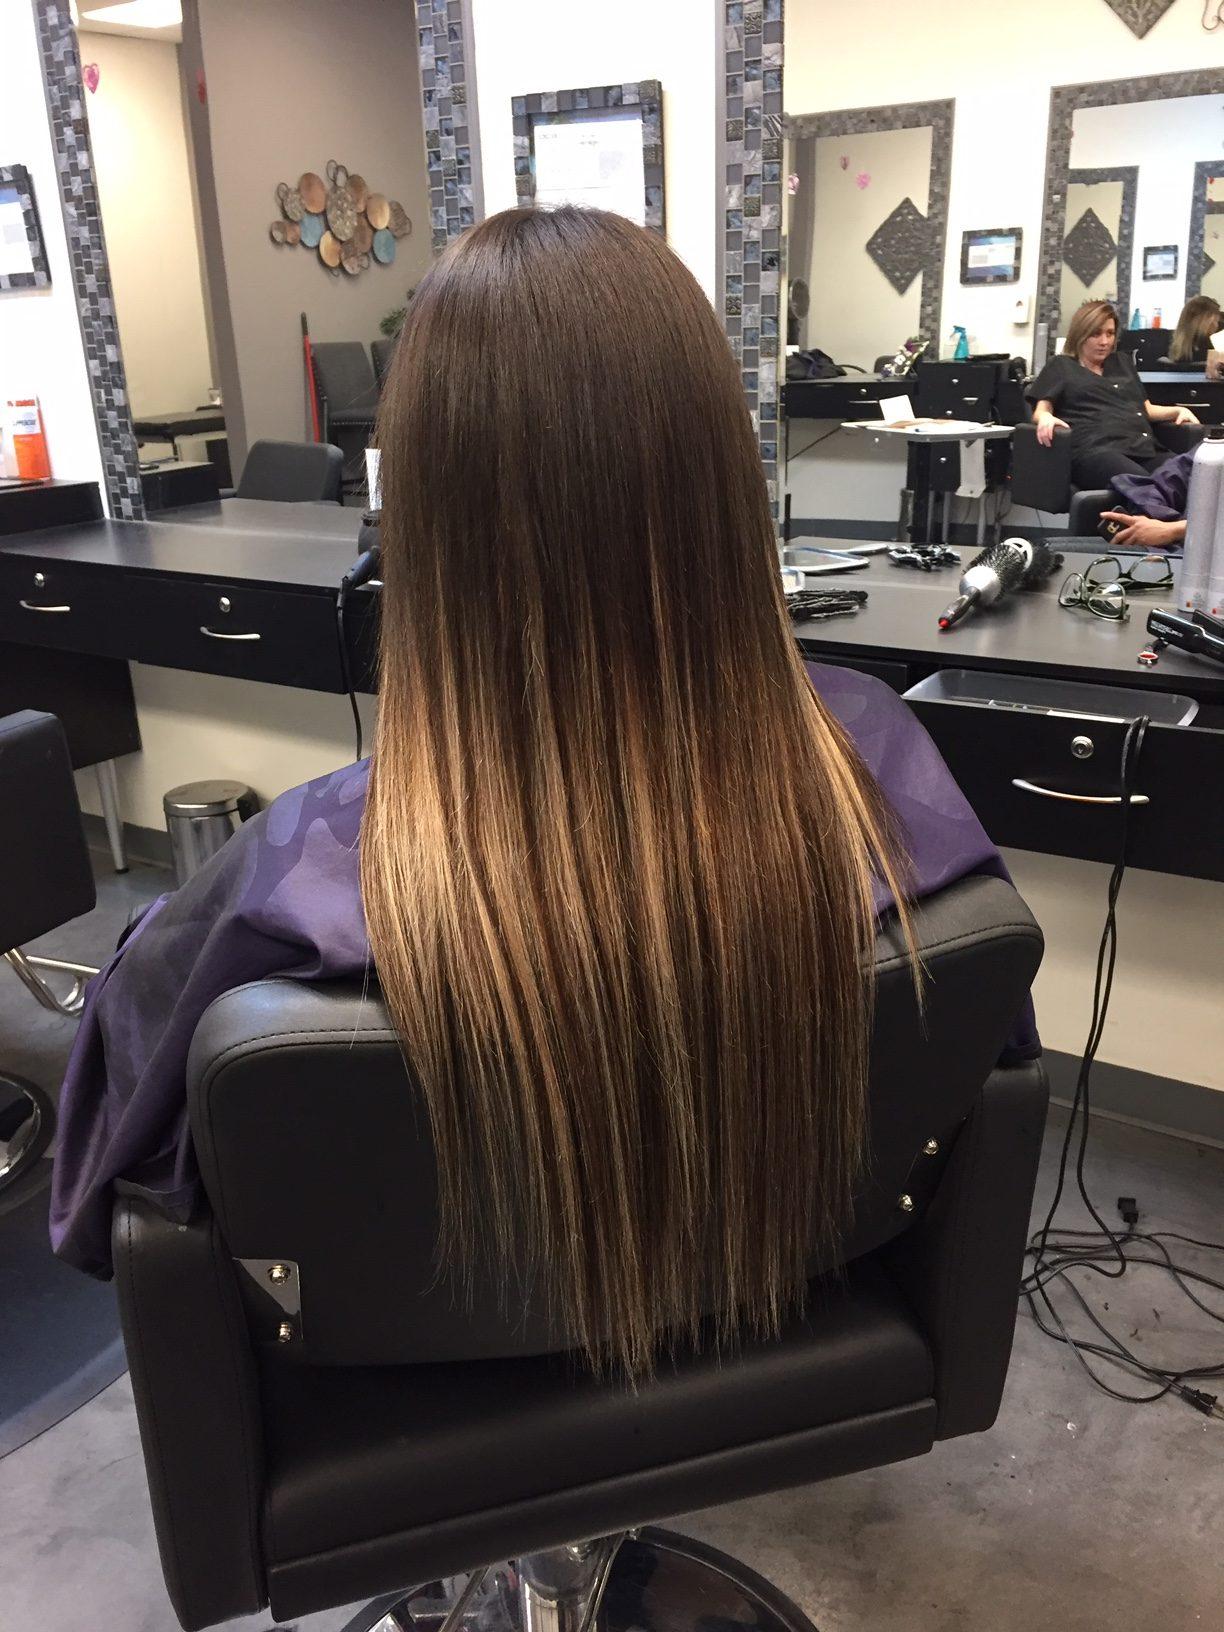 Hair Style Photos 14